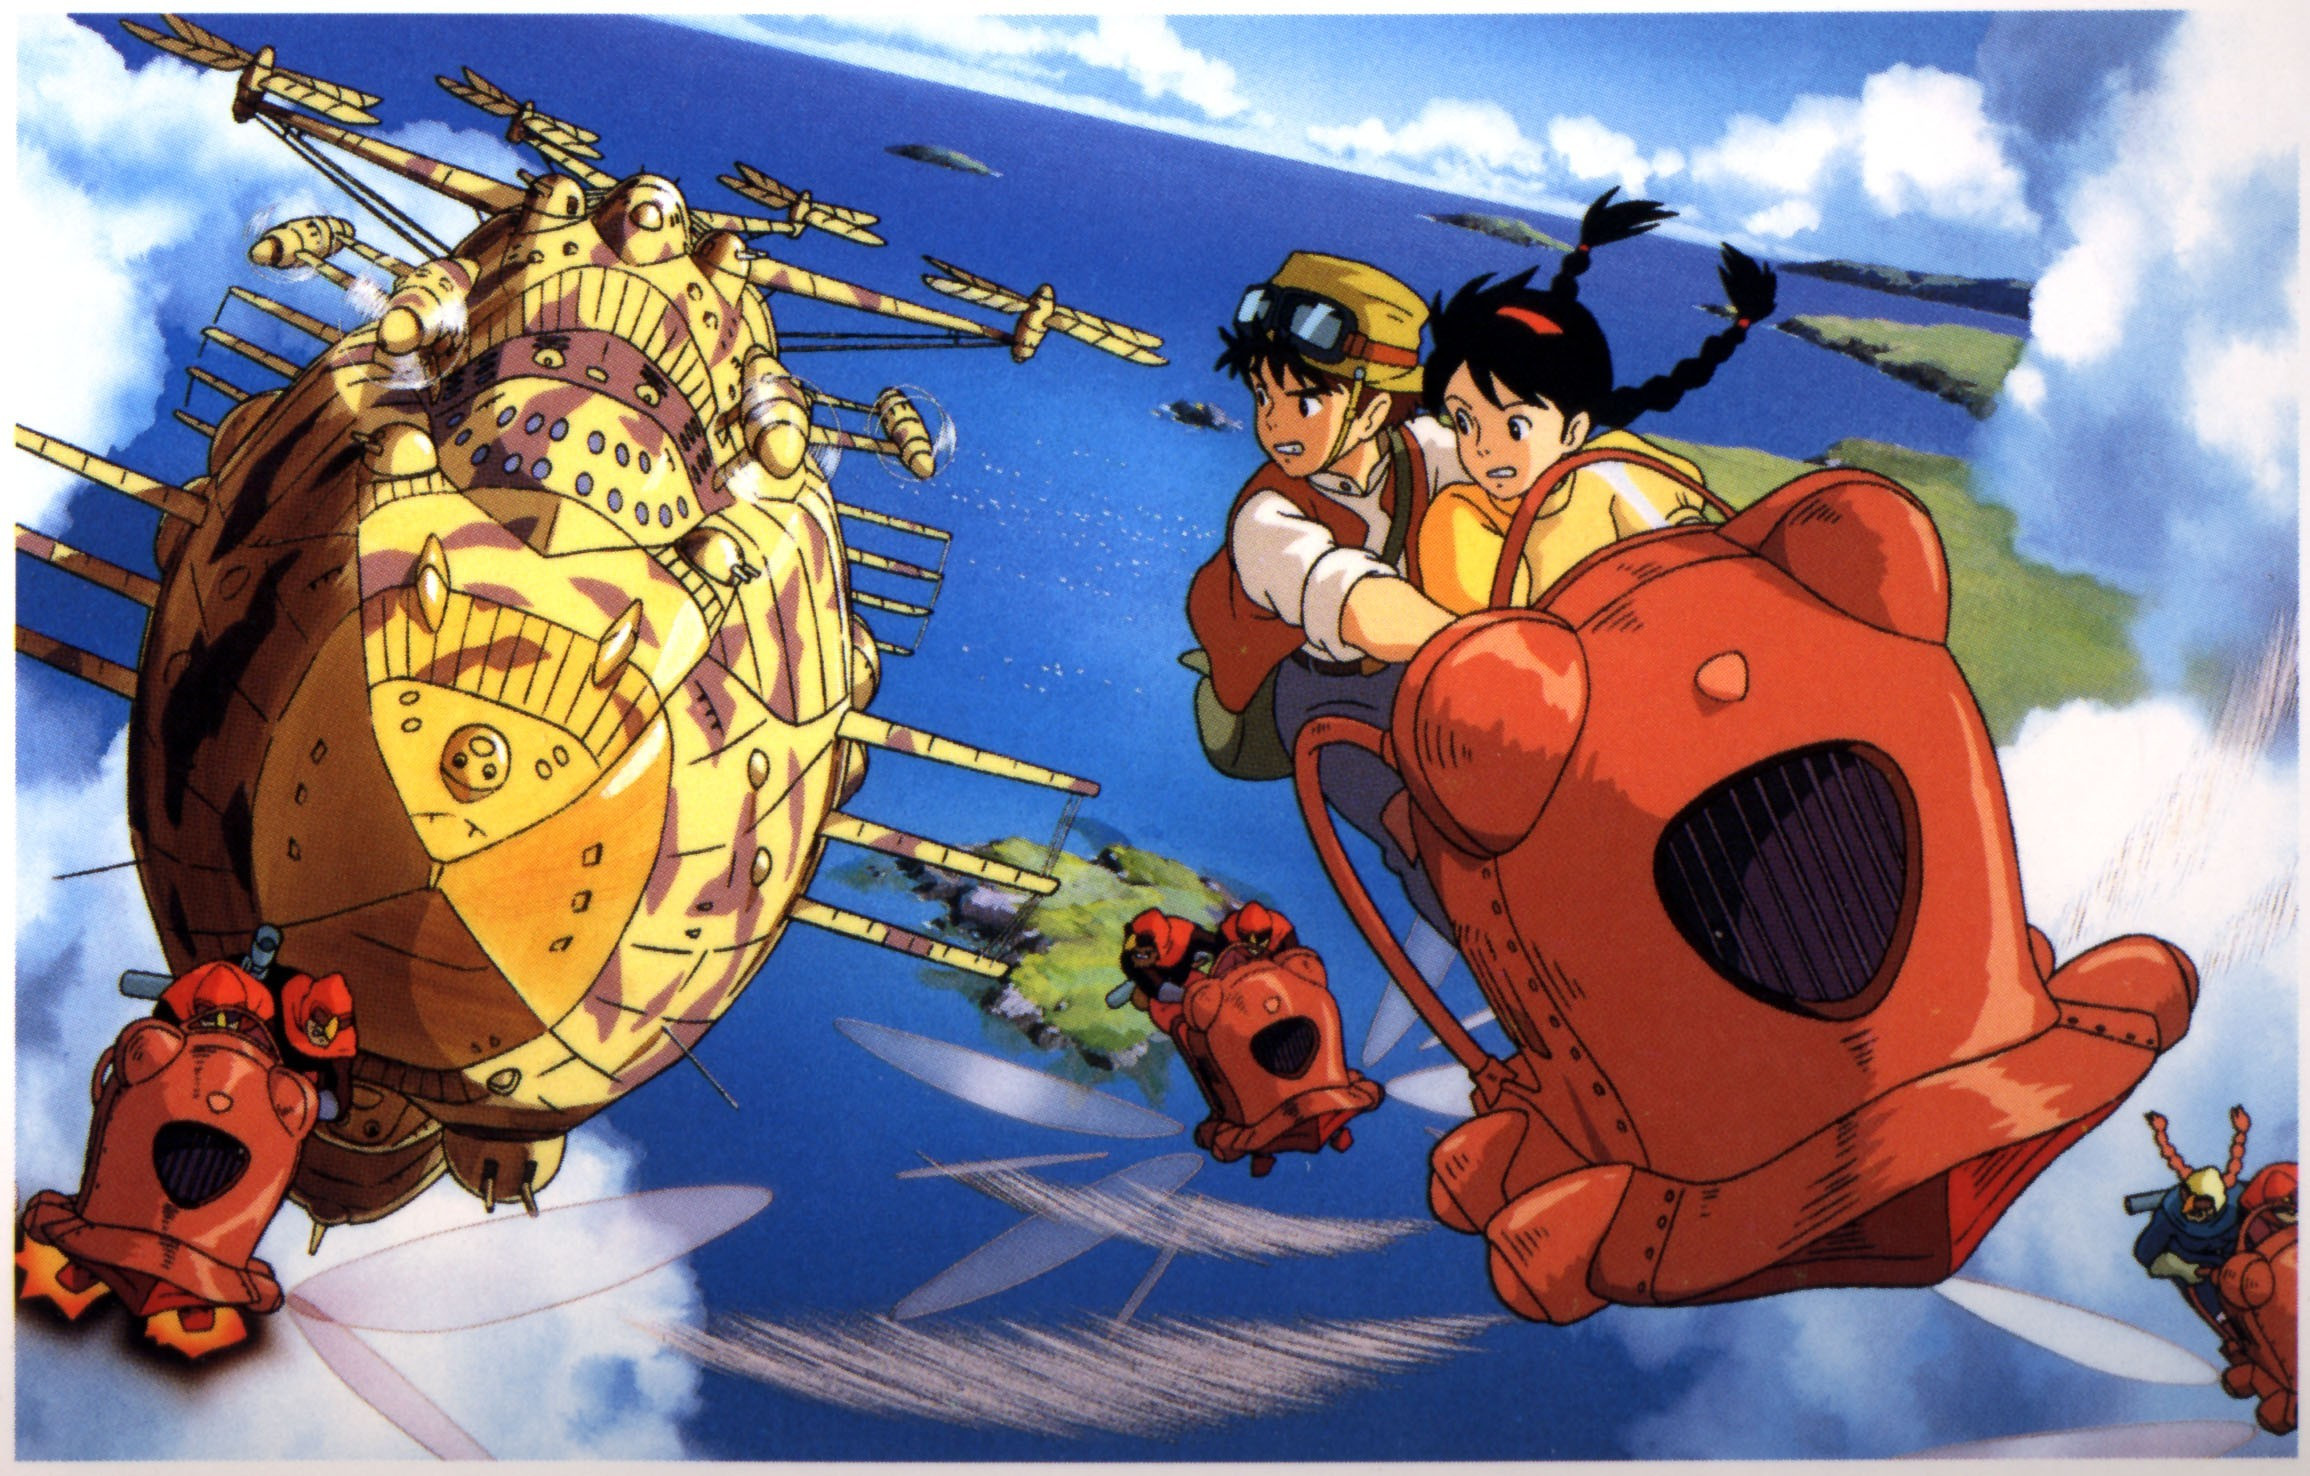 天空之城 久石让 宫崎骏动漫作品视听音乐会图片